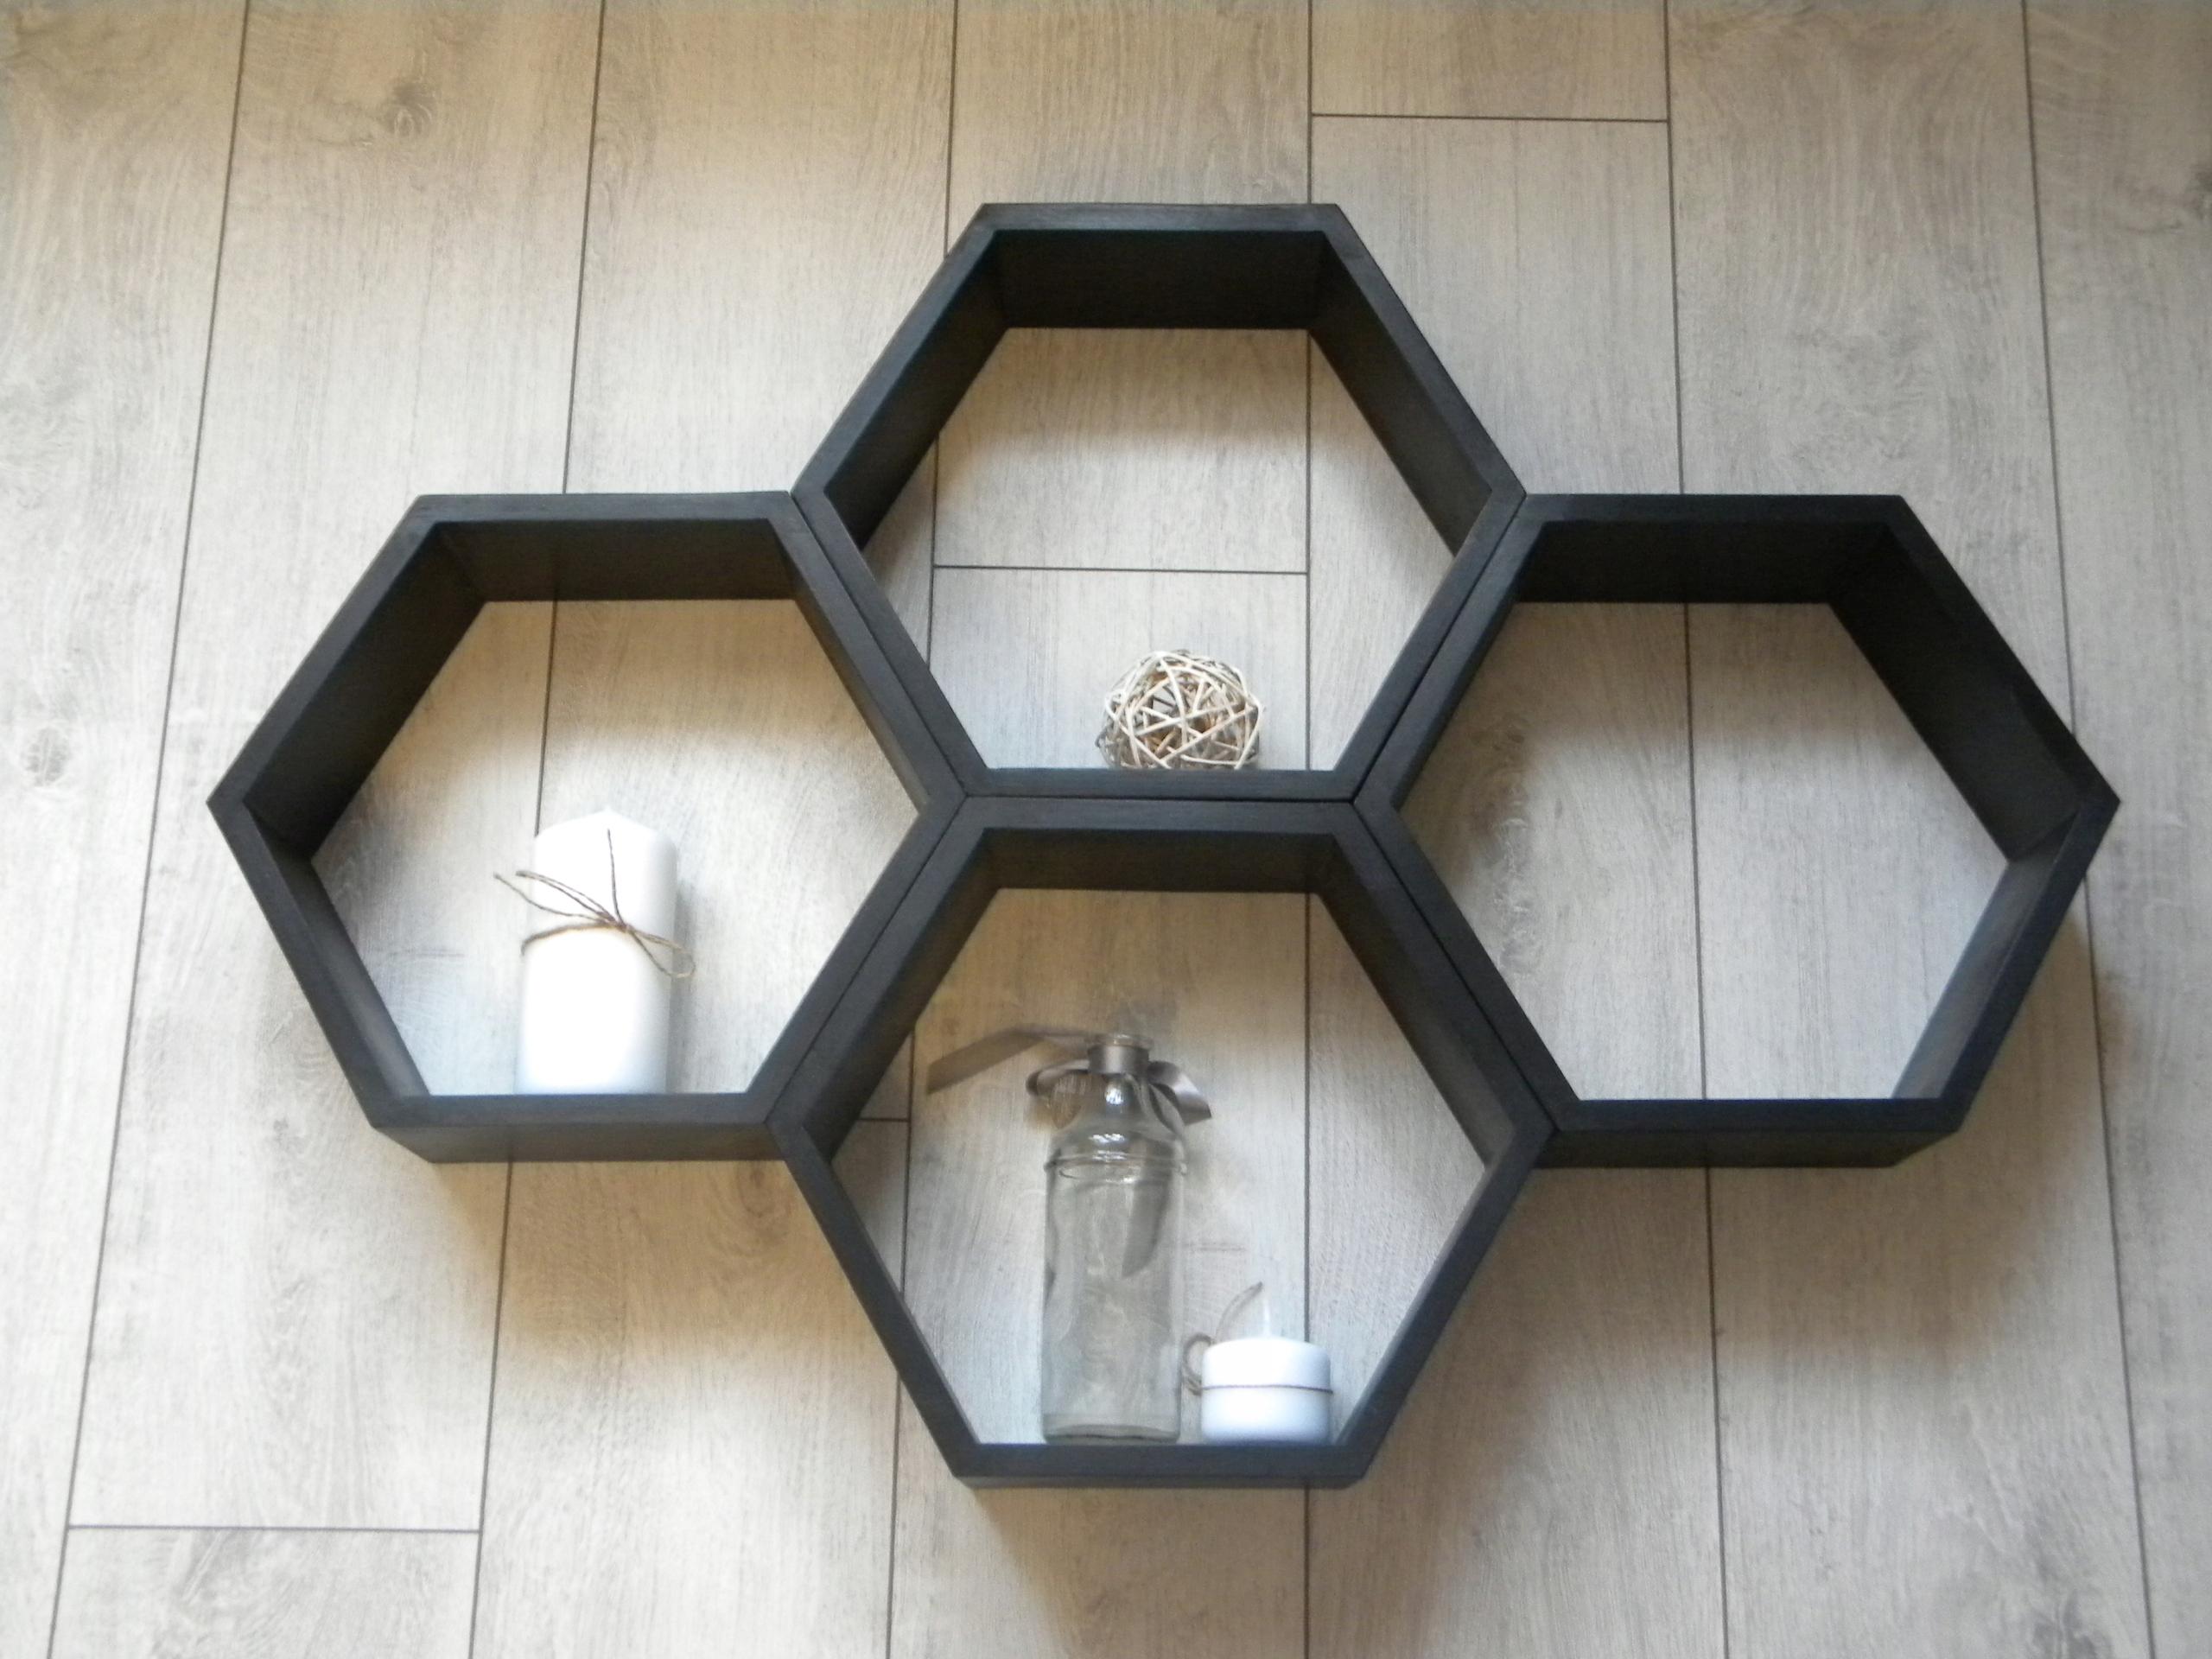 Drewniana Półka Plaster Miodu Hexagon Zestaw 4 Szt